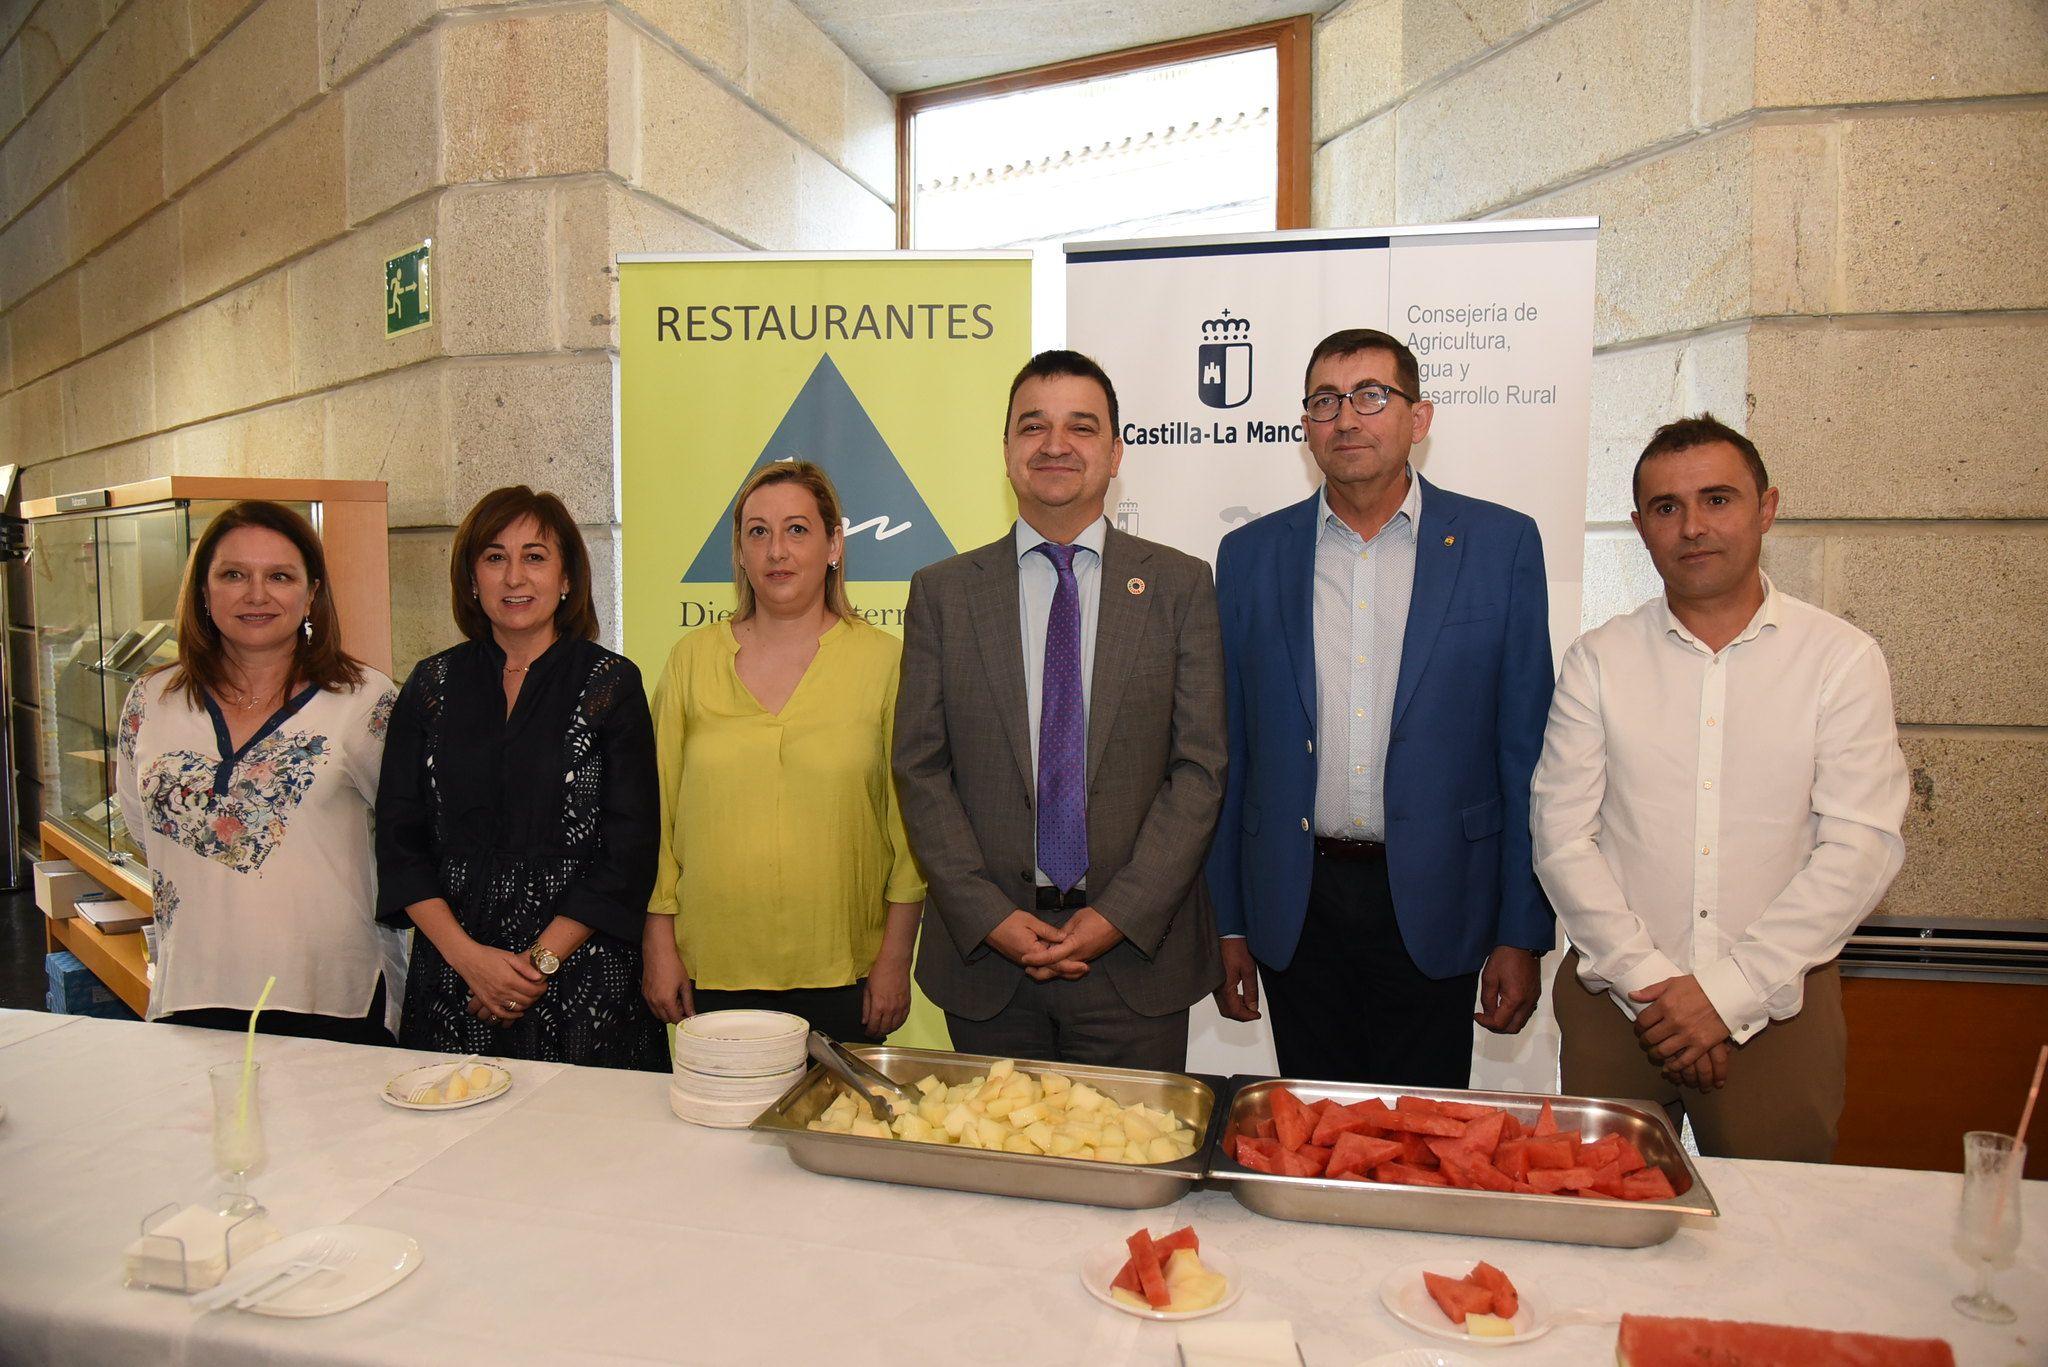 El Gobierno de Castilla-La Mancha fomenta los hábitos de consumo saludable de la Dieta Mediterránea apostando por los productos de cercanía